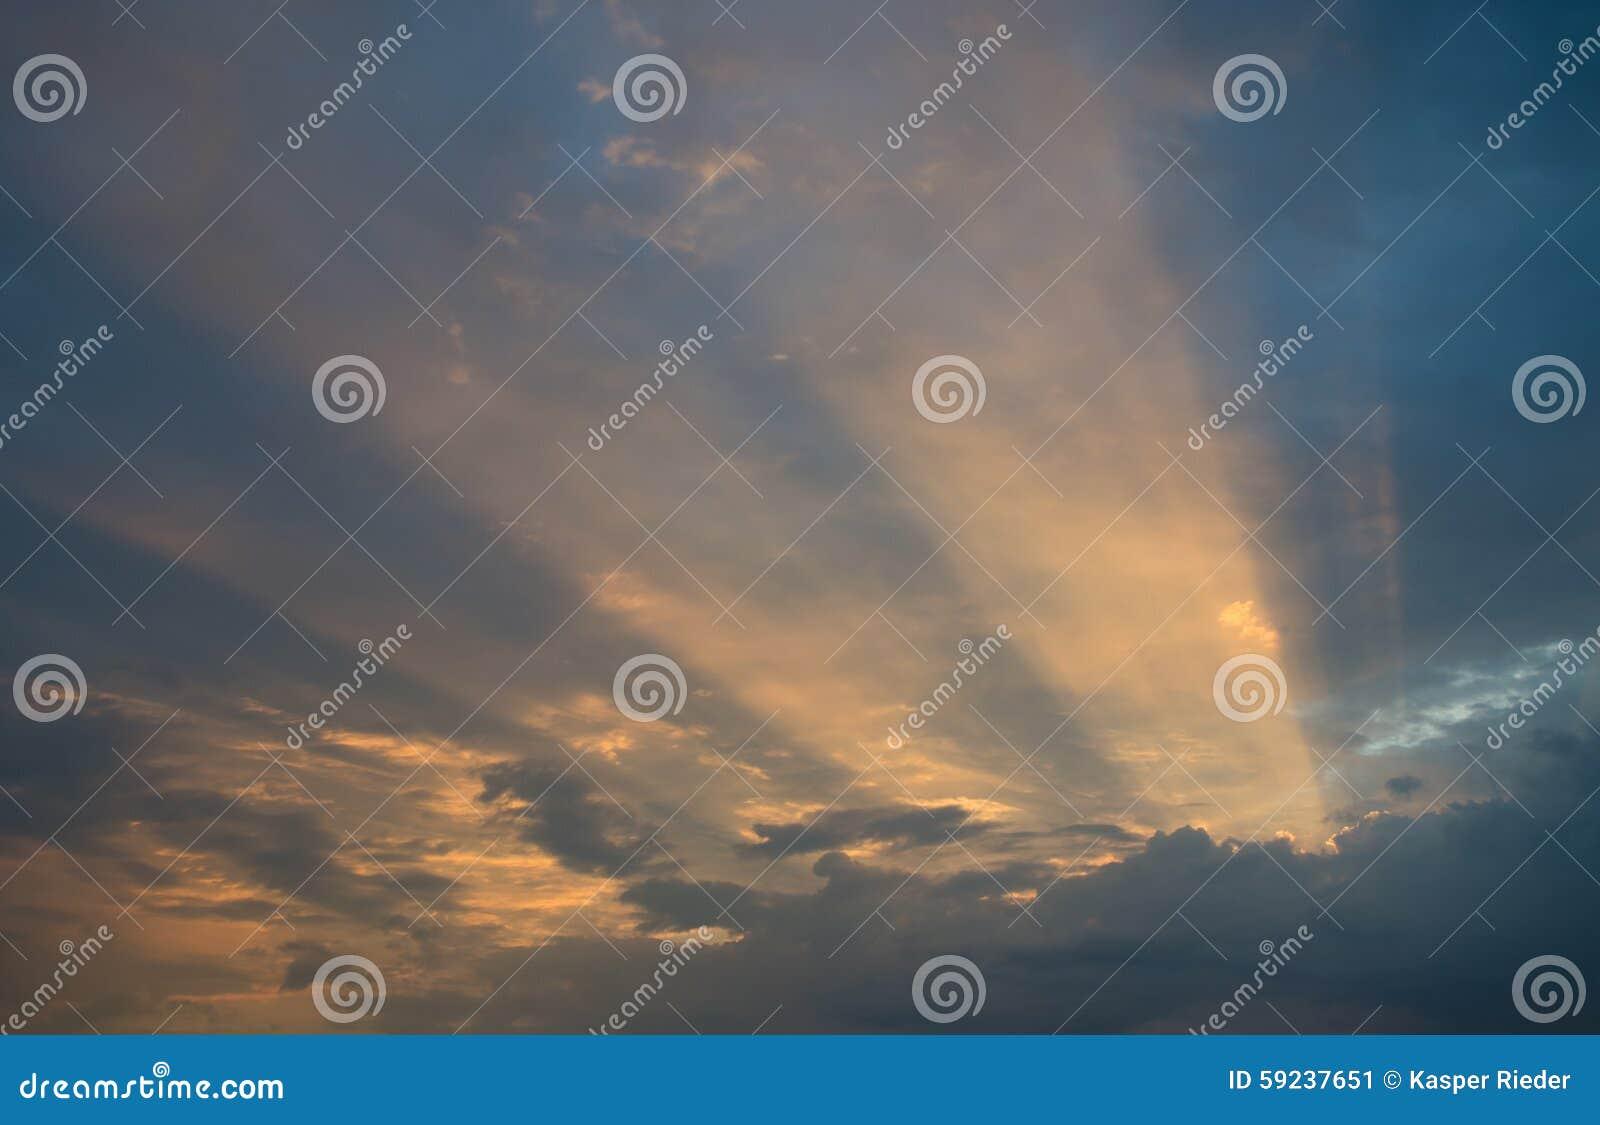 Download Rayos Solares A Través De Las Nubes Imagen de archivo - Imagen de maravilla, humilde: 59237651